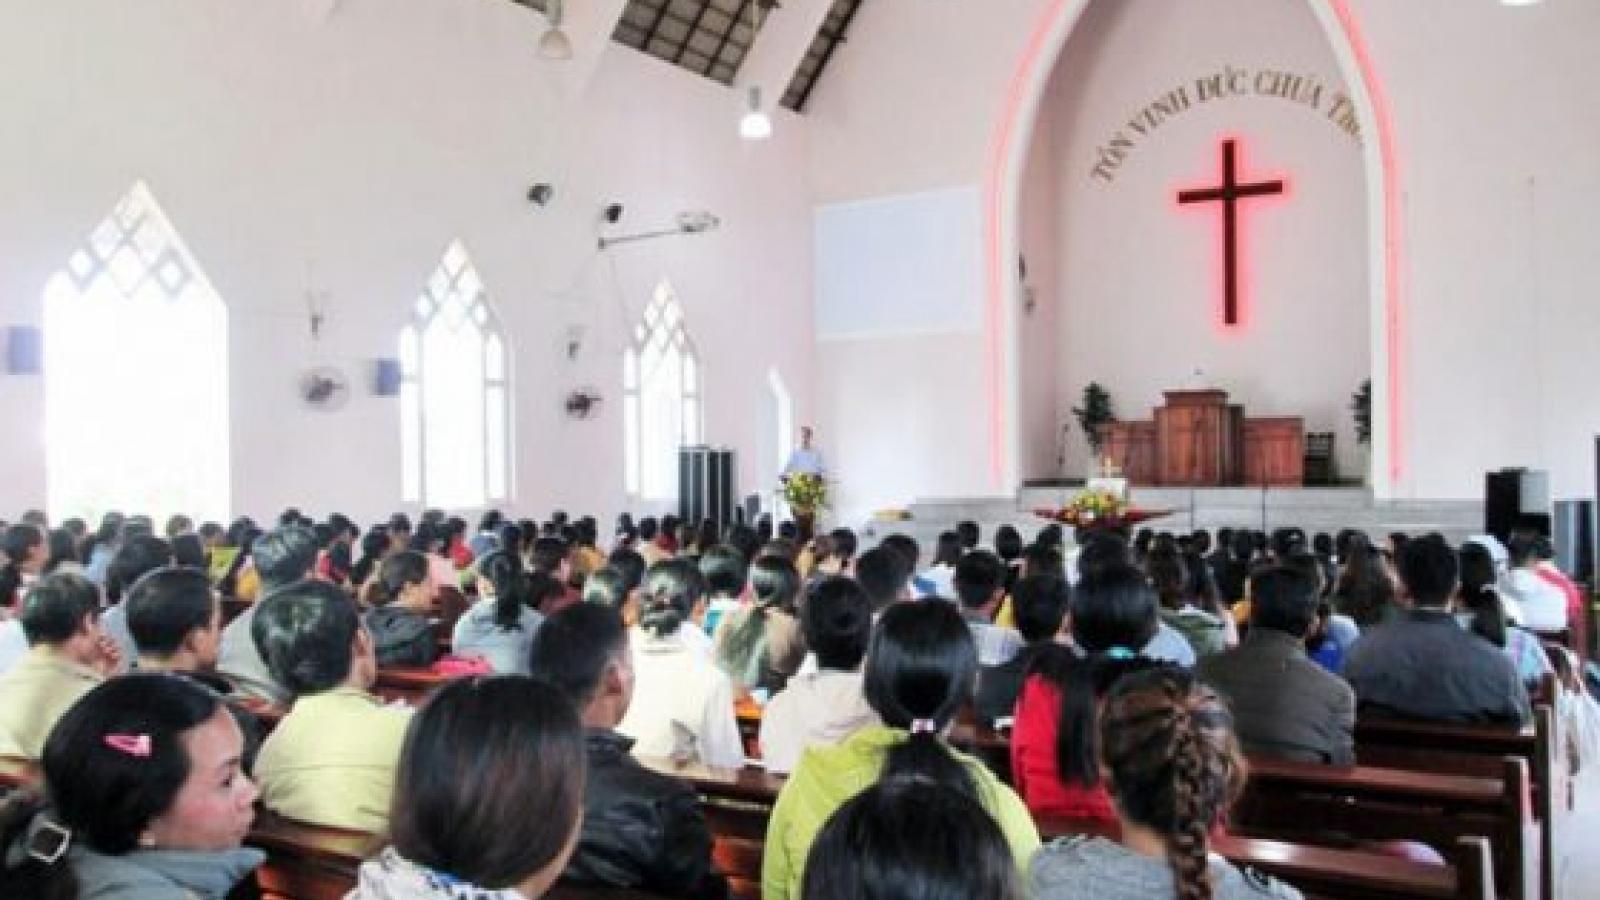 Yêu cầu dừng ngay sinh hoạt tôn giáo tập trung để tránh lây lan Covid-19